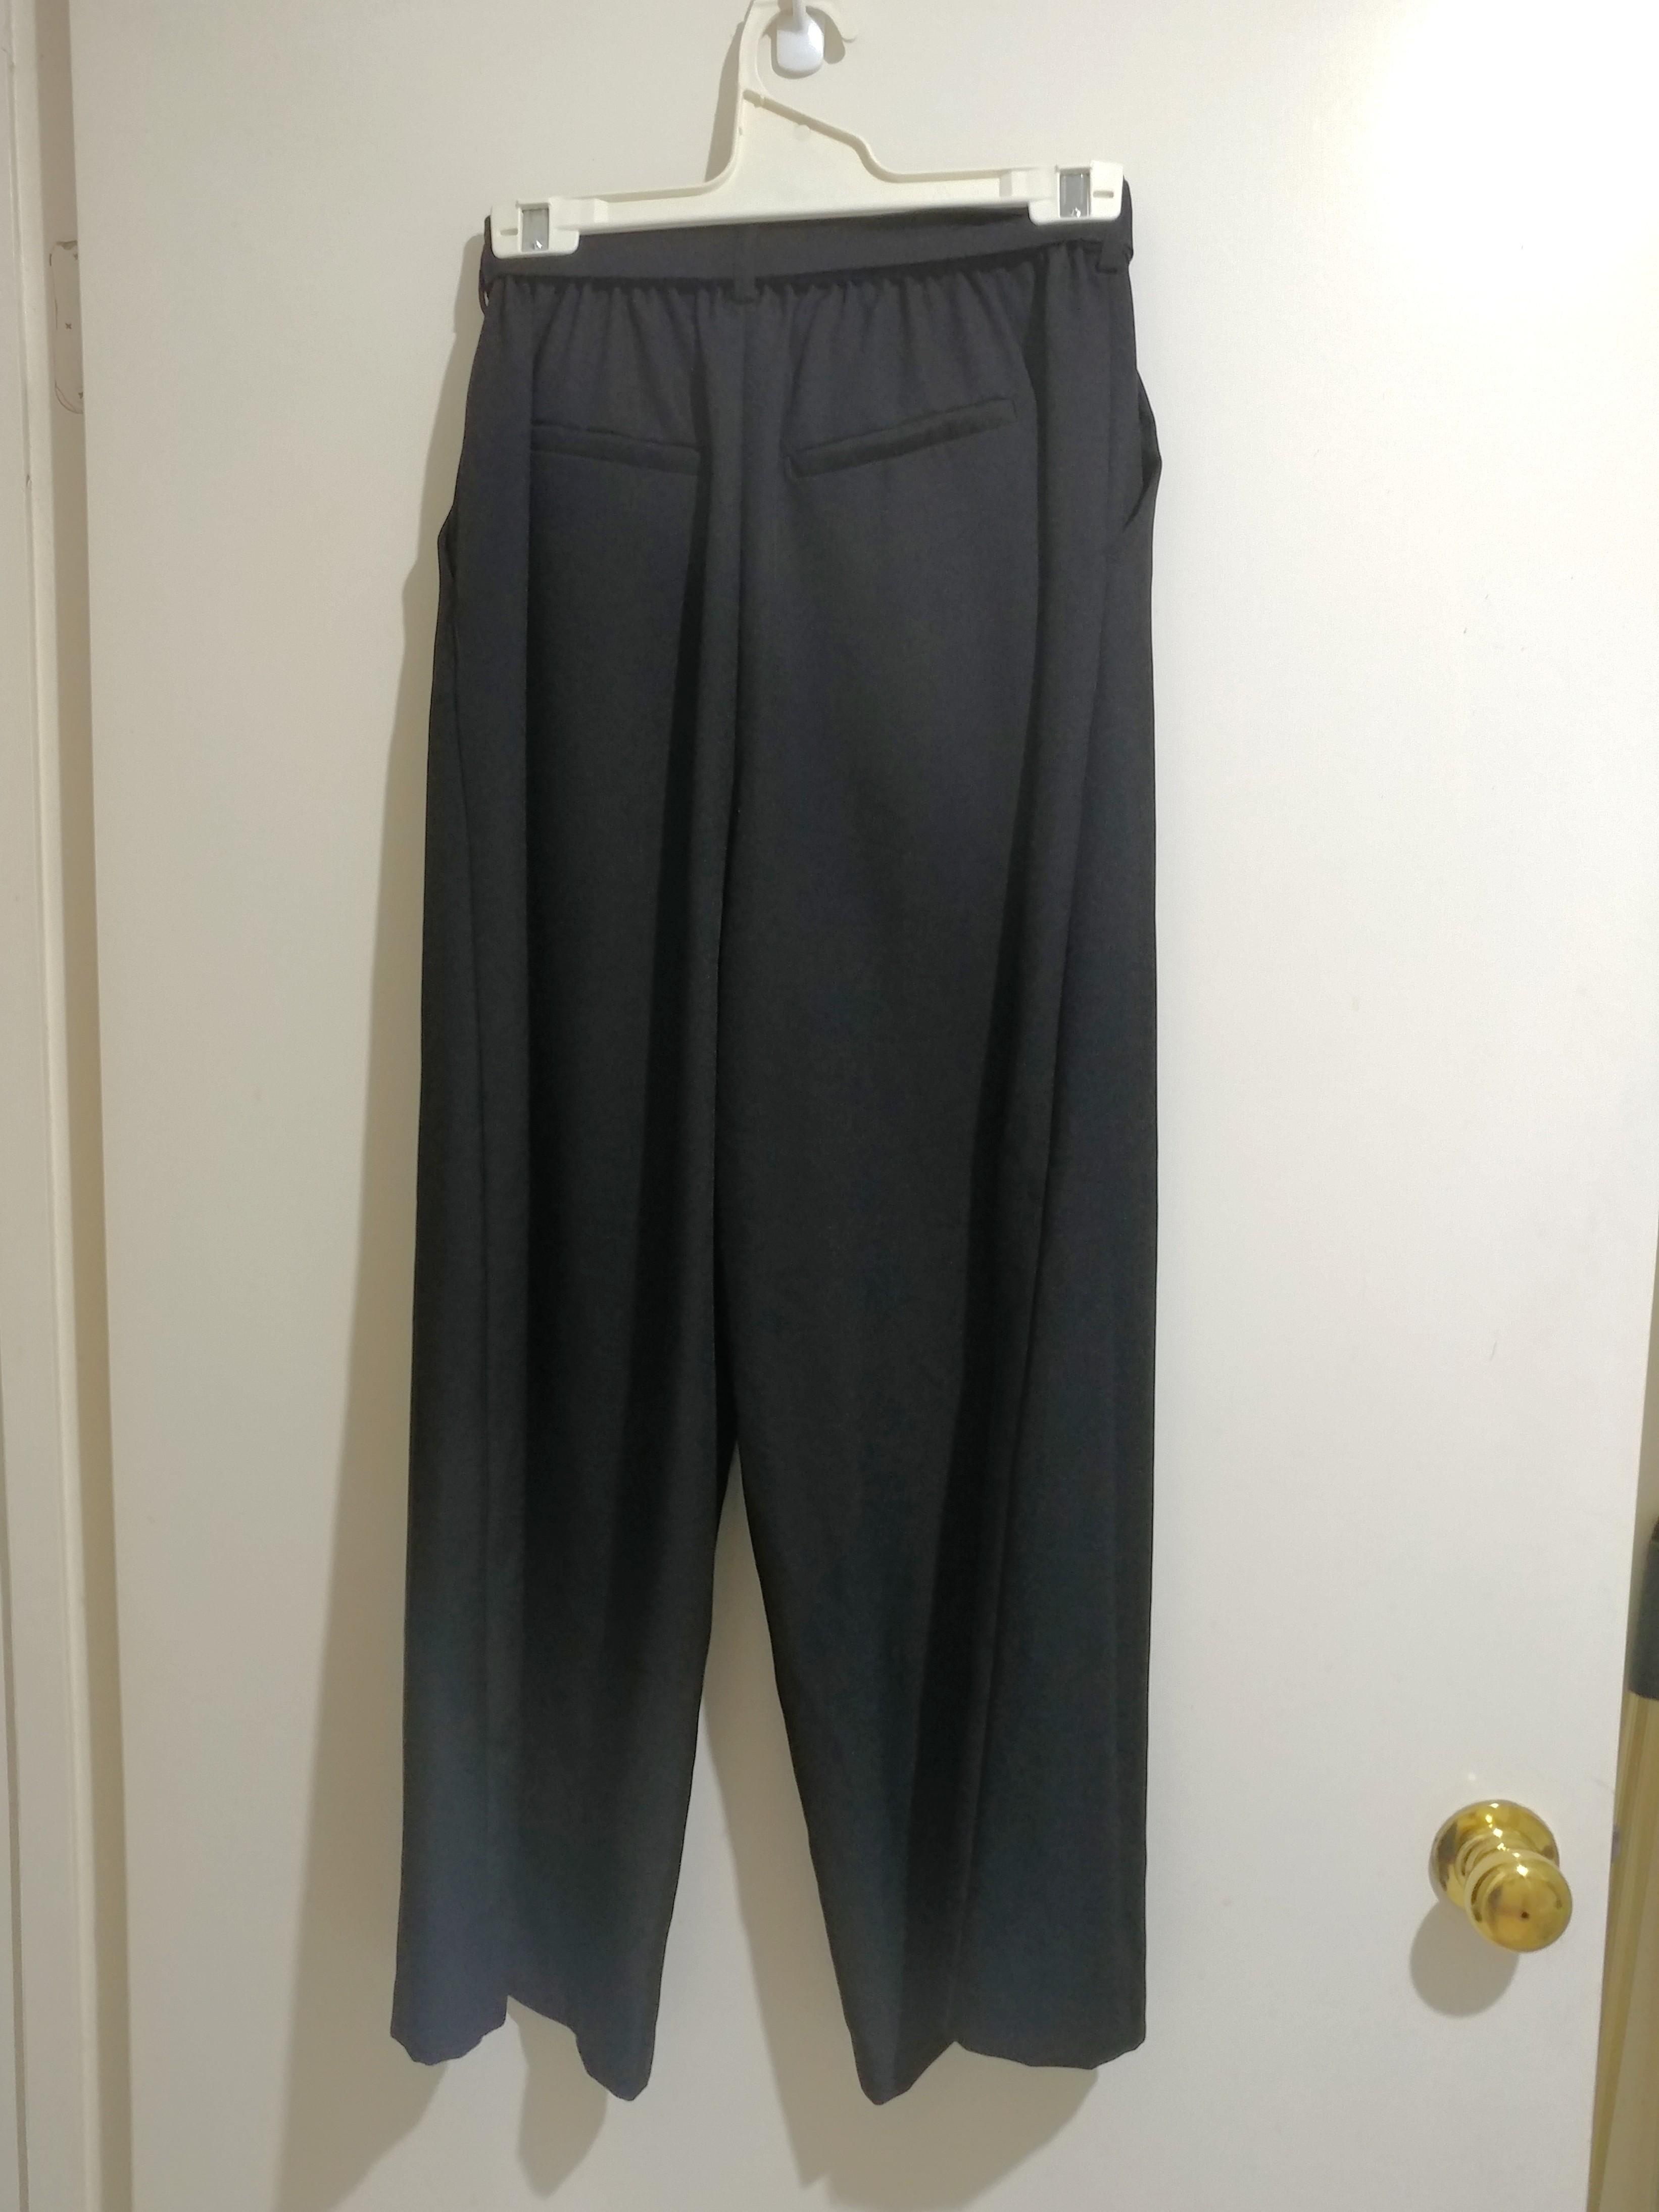 Japanse Black Wide Leg Tie Waist Culottes Pants AU8-10